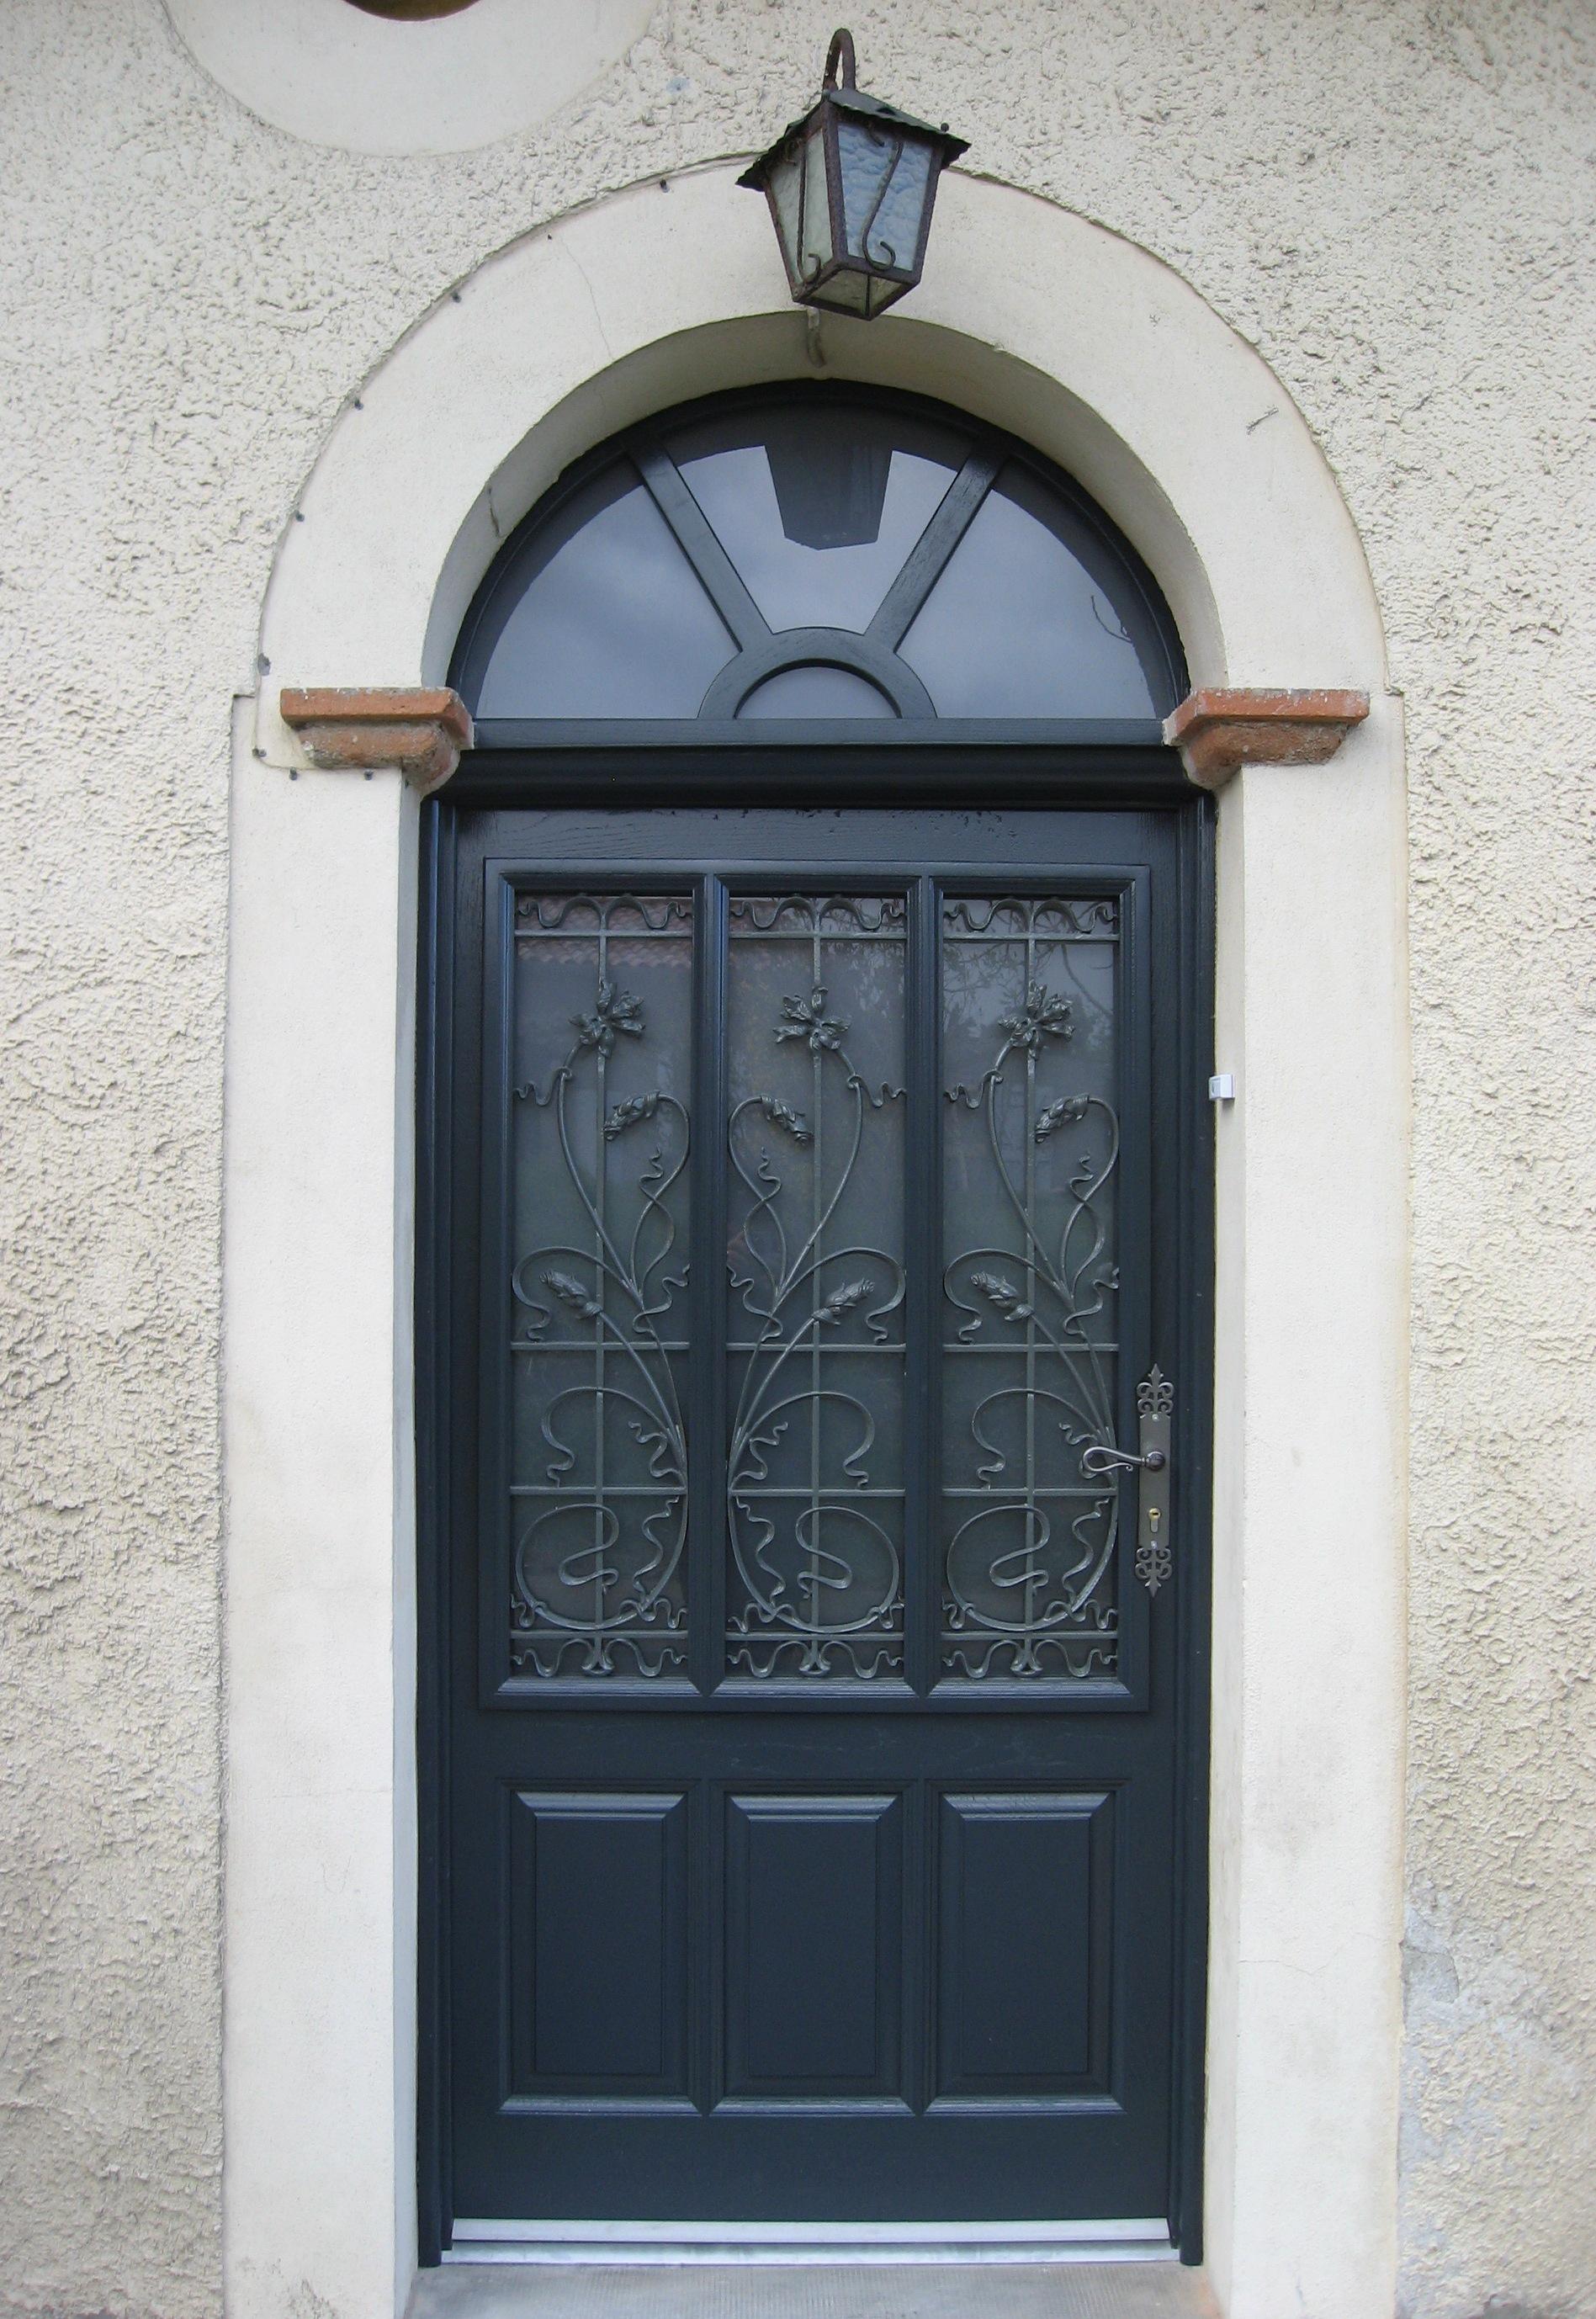 Pose de porte interieure et exterieure tableau isolant thermique - Pose de porte ...